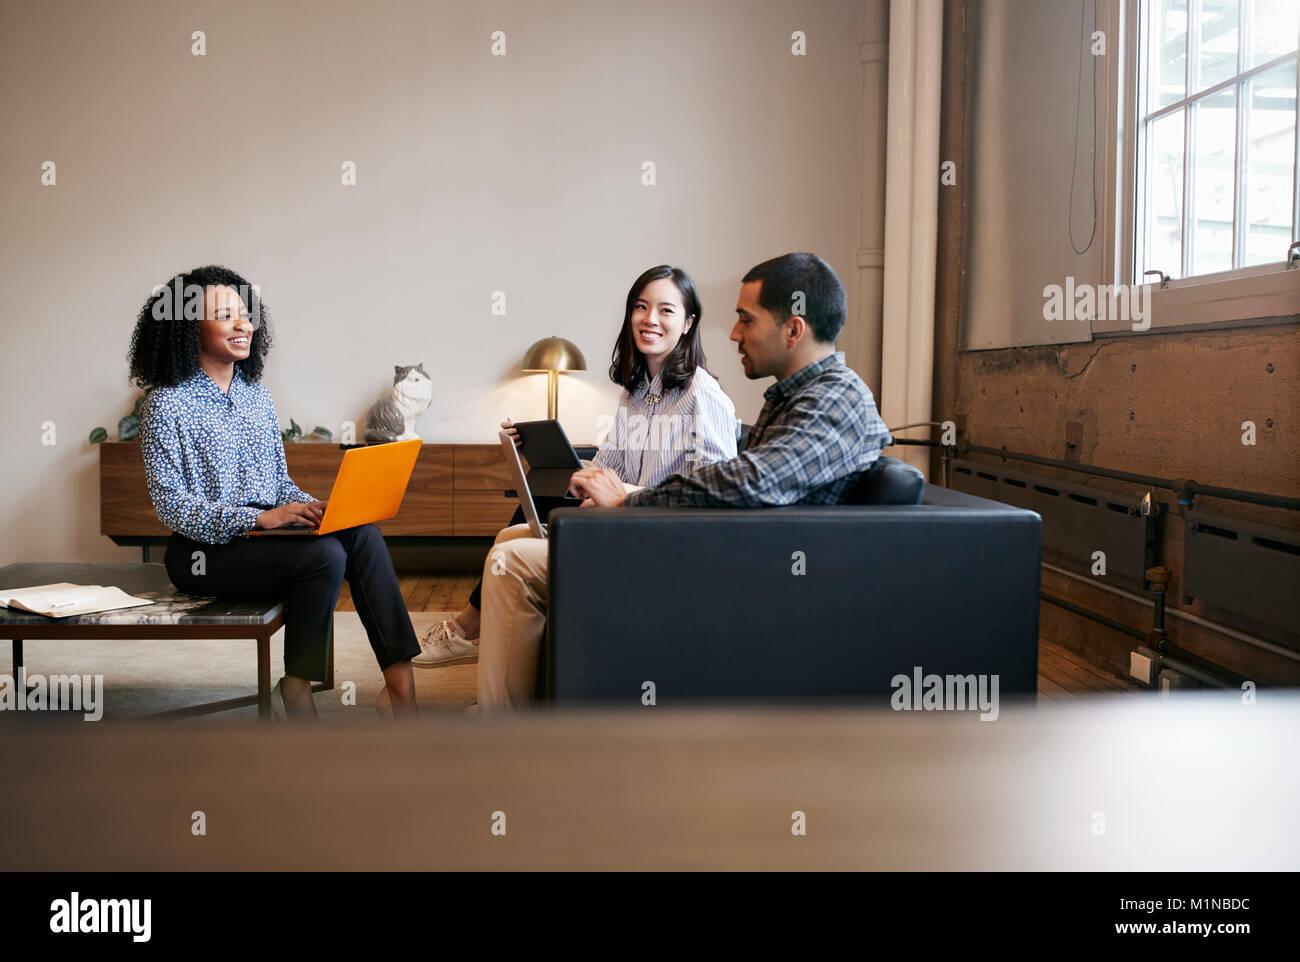 Sorridente colleghi di lavoro utilizzando computer portatili a un incontro informale Immagini Stock